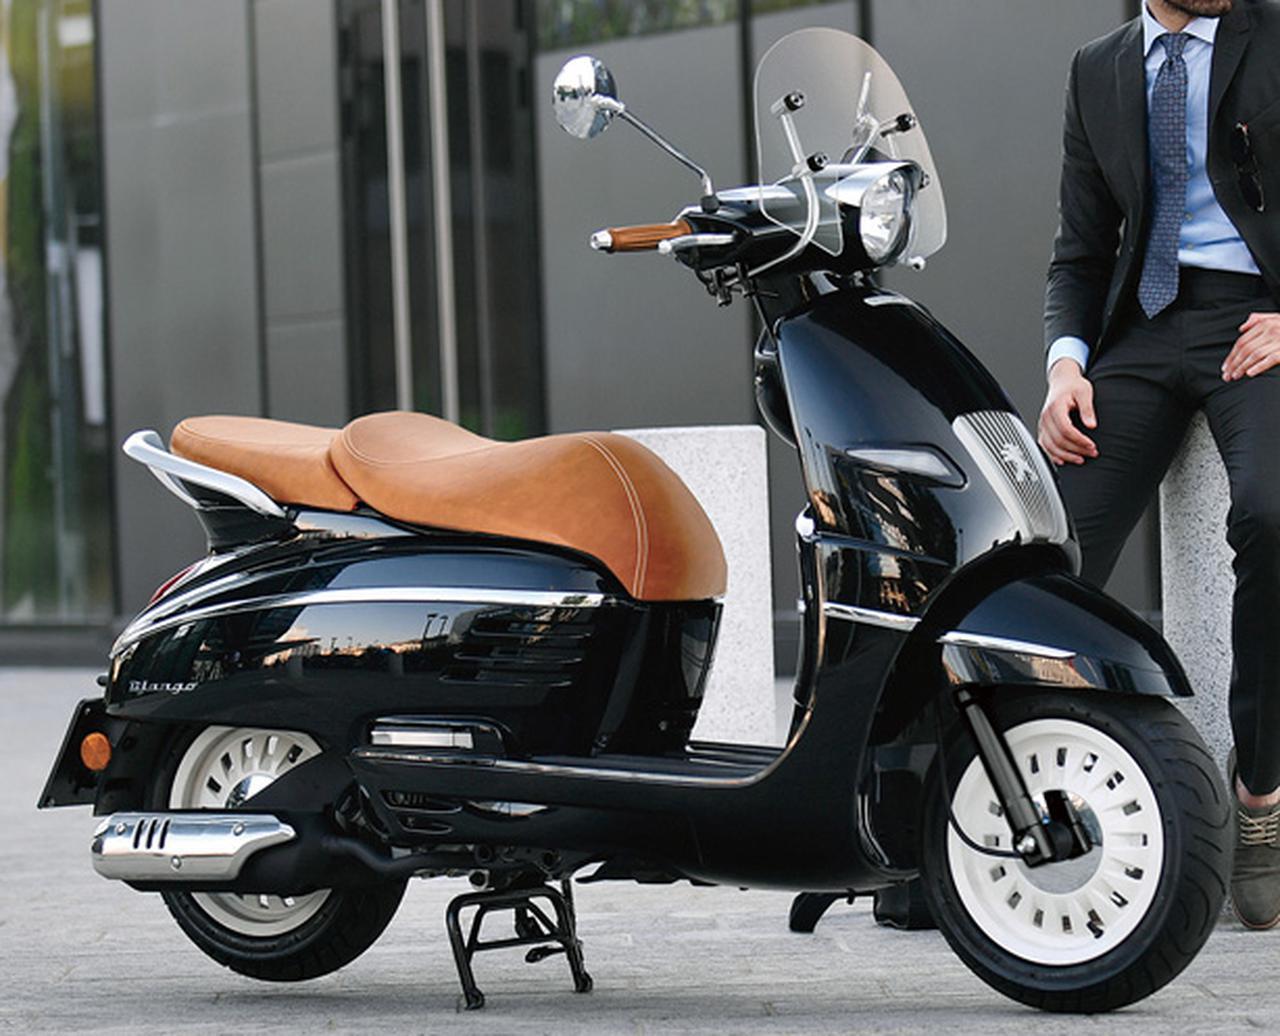 画像: プジョー「ジャンゴ125」2021年モデル情報 - webオートバイ